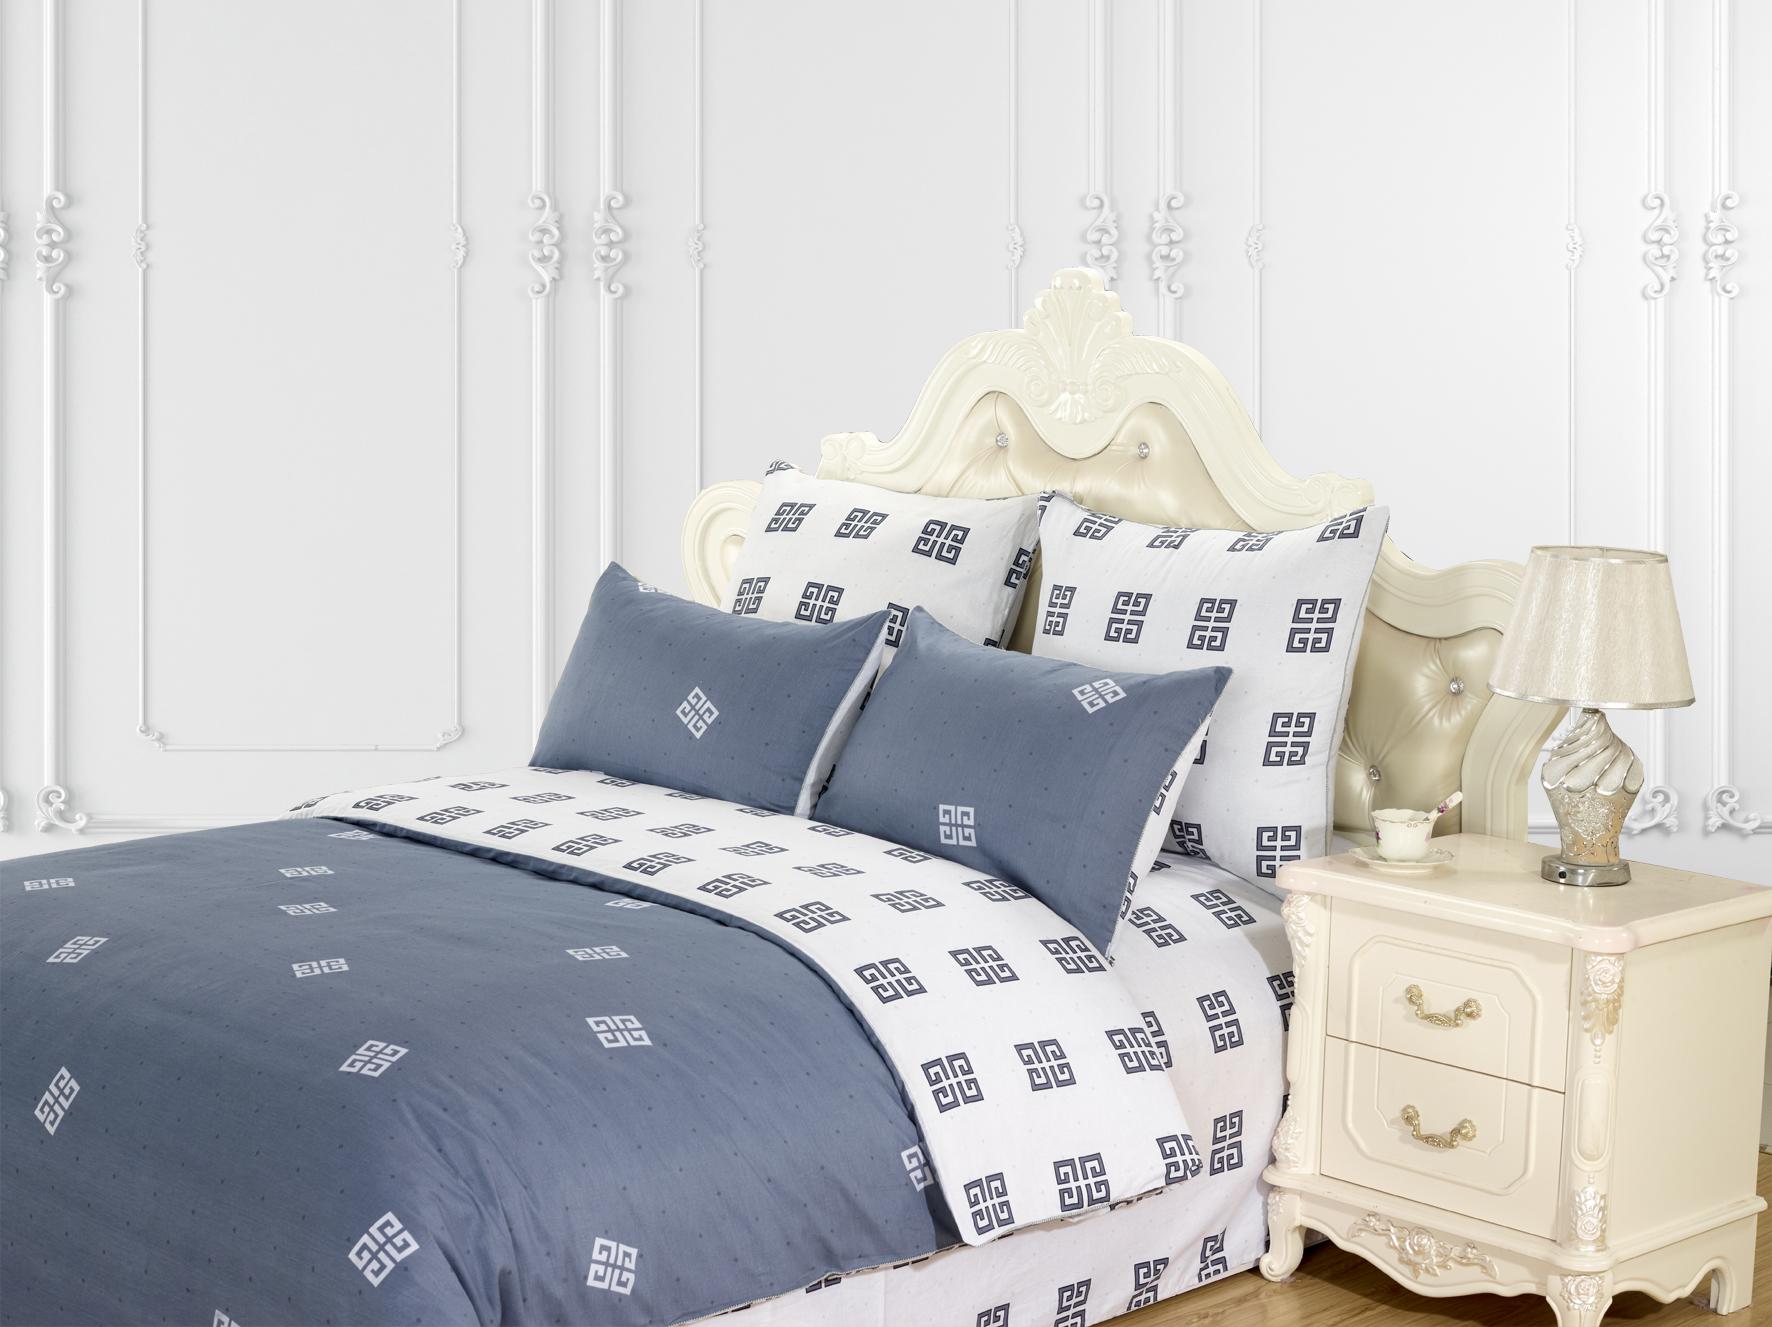 c8911d7f34c4 Комплект постельного белья Живанши, евро купить недорого в интернет ...